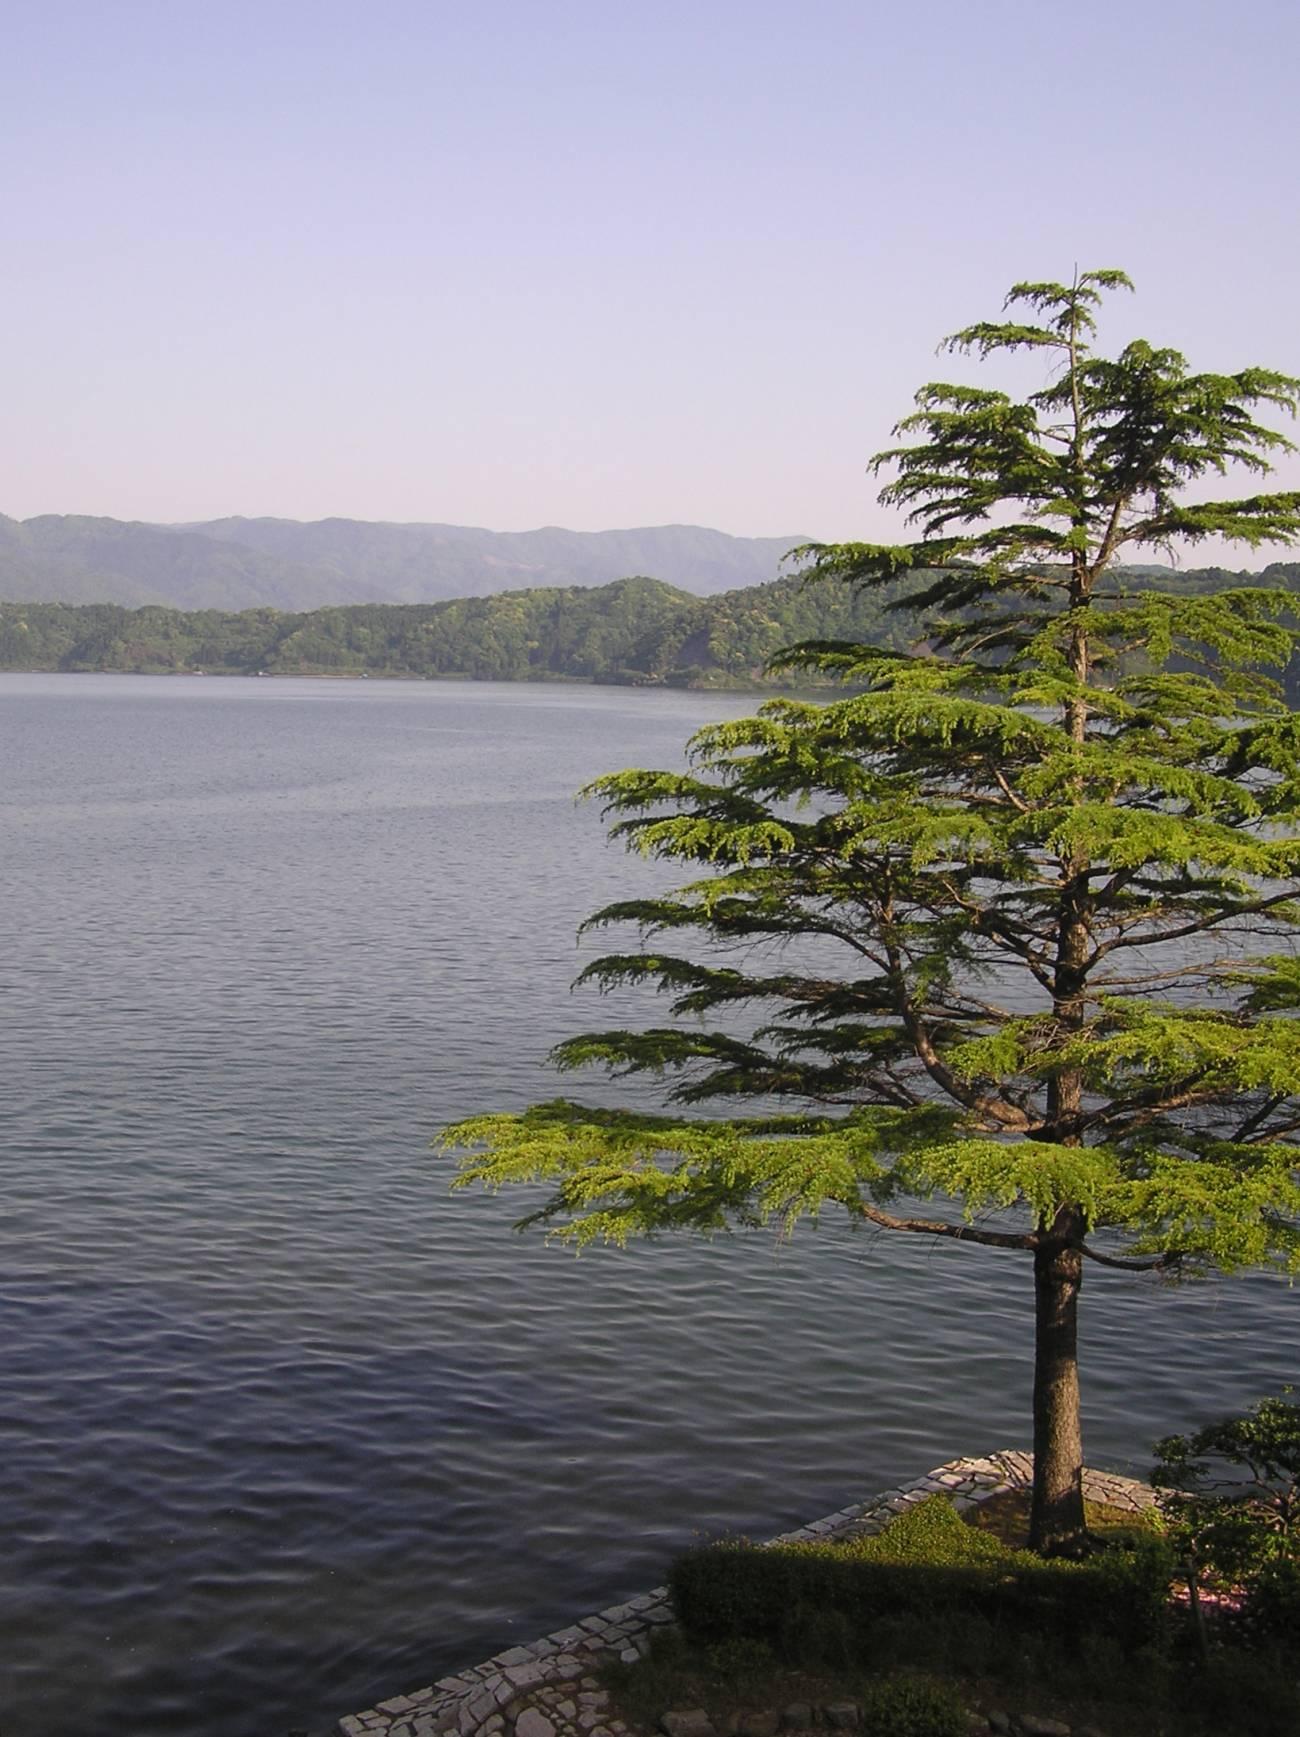 Lago Suigetsu en Japón. Imagen: Christopher Ramsey.